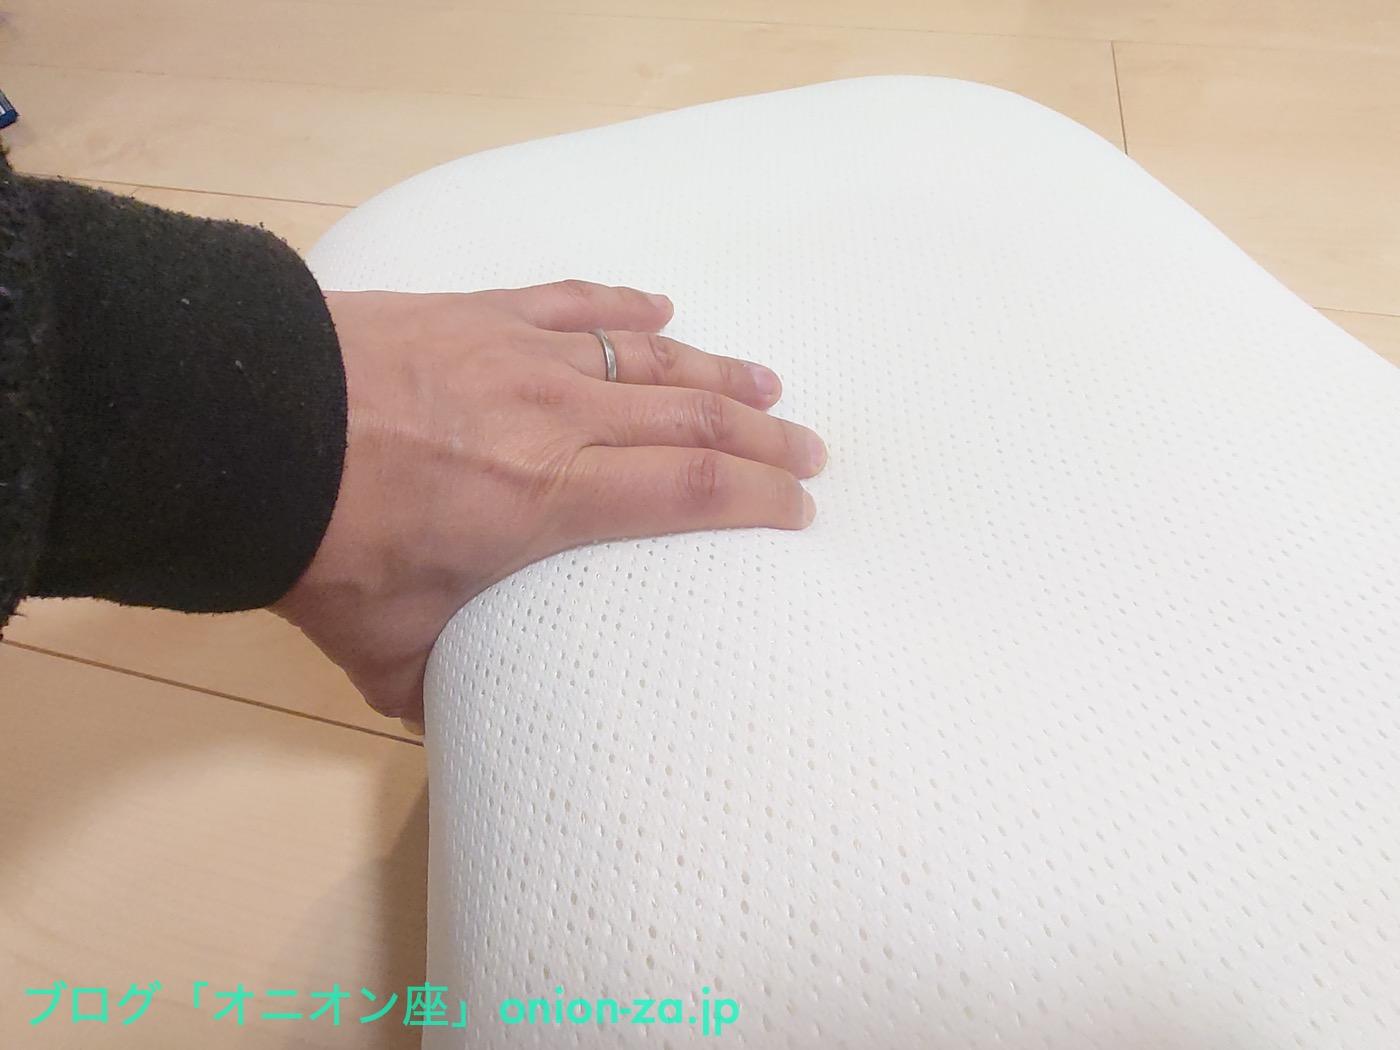 やや硬めとは言え、そば殻まくらとか、パイプまくらよりは柔らかい